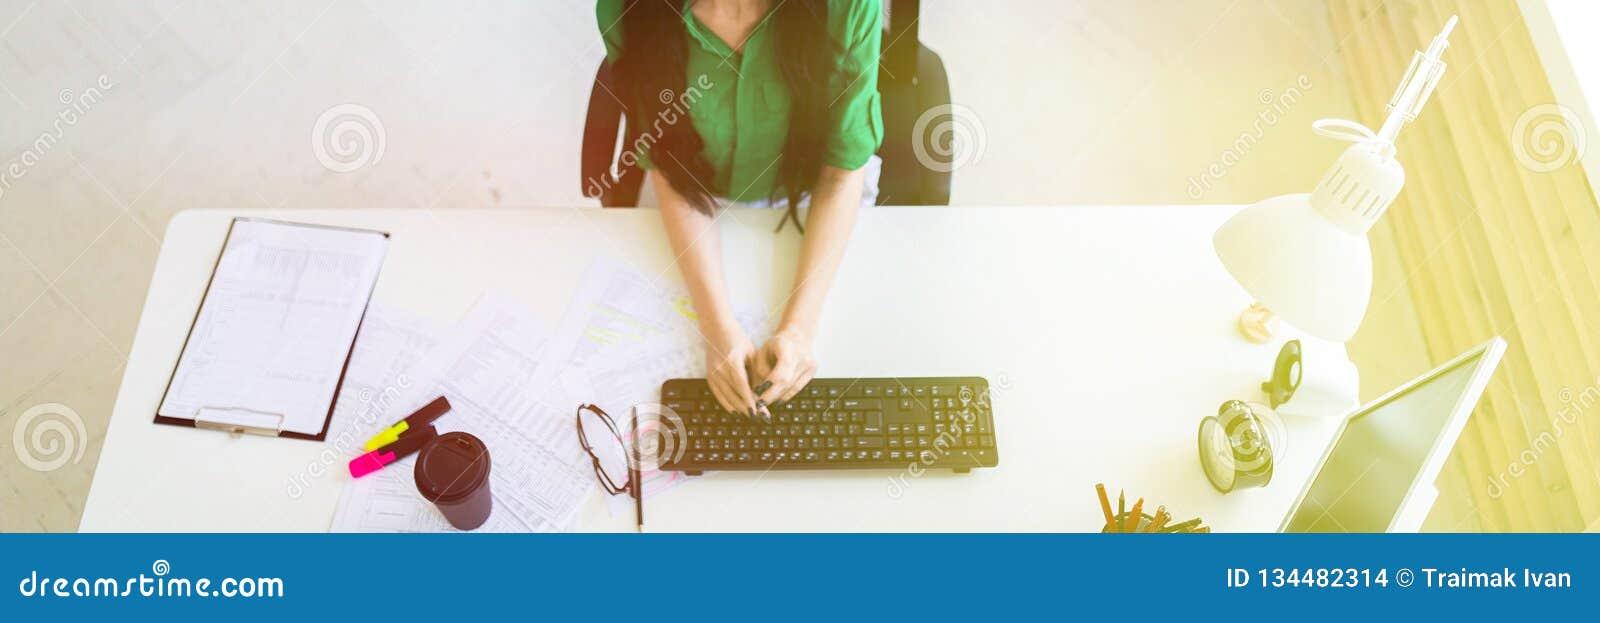 Punto di vista superiore di una ragazza che si siede ad una scrivania e che scrive su una tastiera